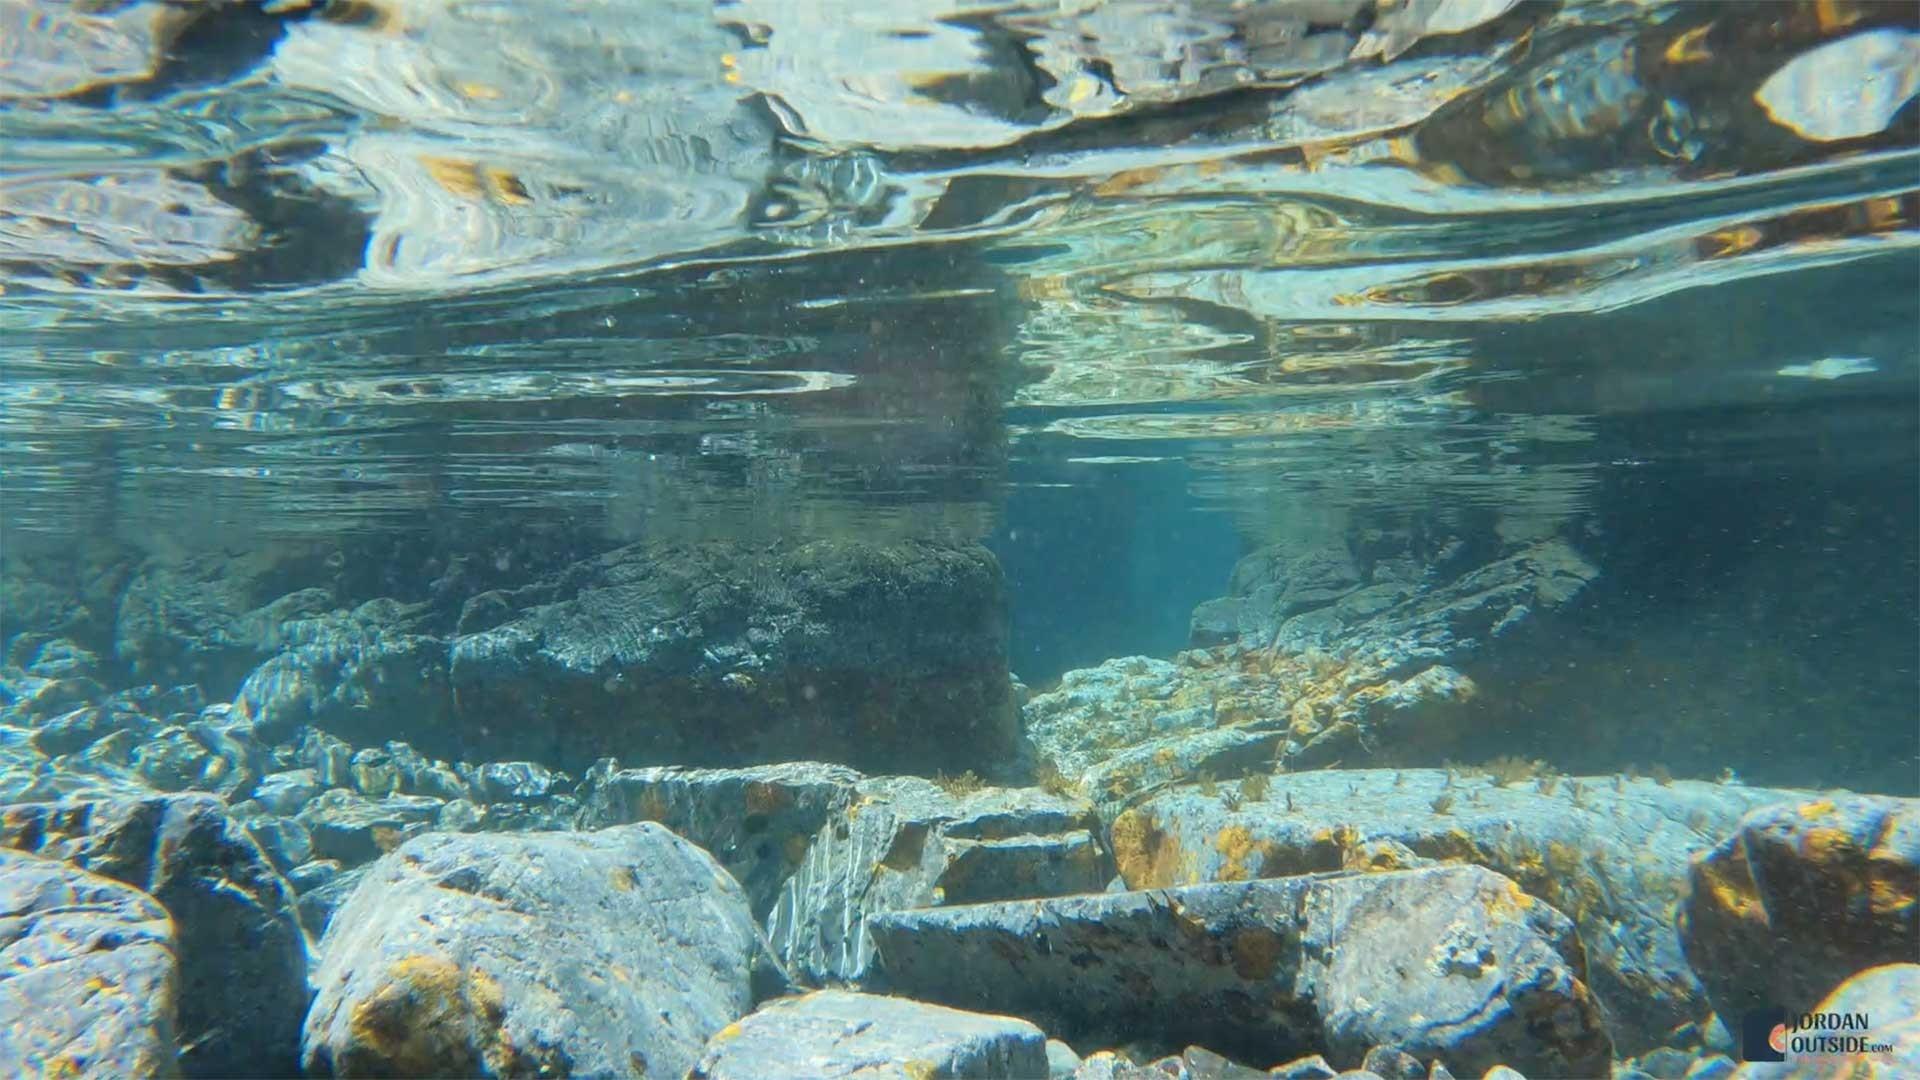 Underwater view of tide pools